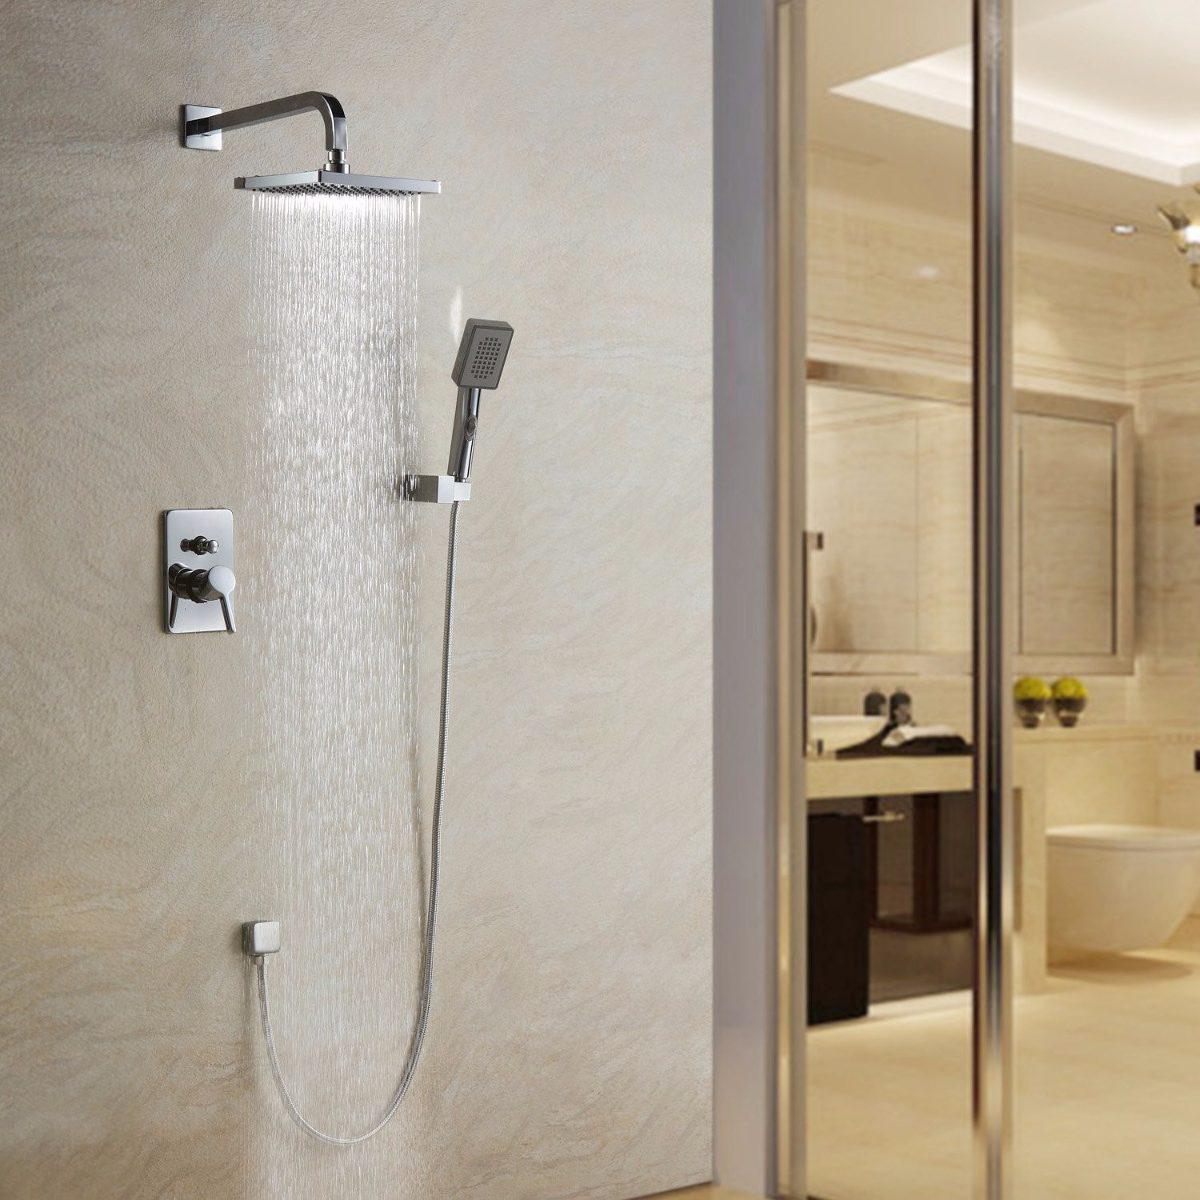 Llave ouku ba o ducha regadera fija y de telefono for Llaves para shower